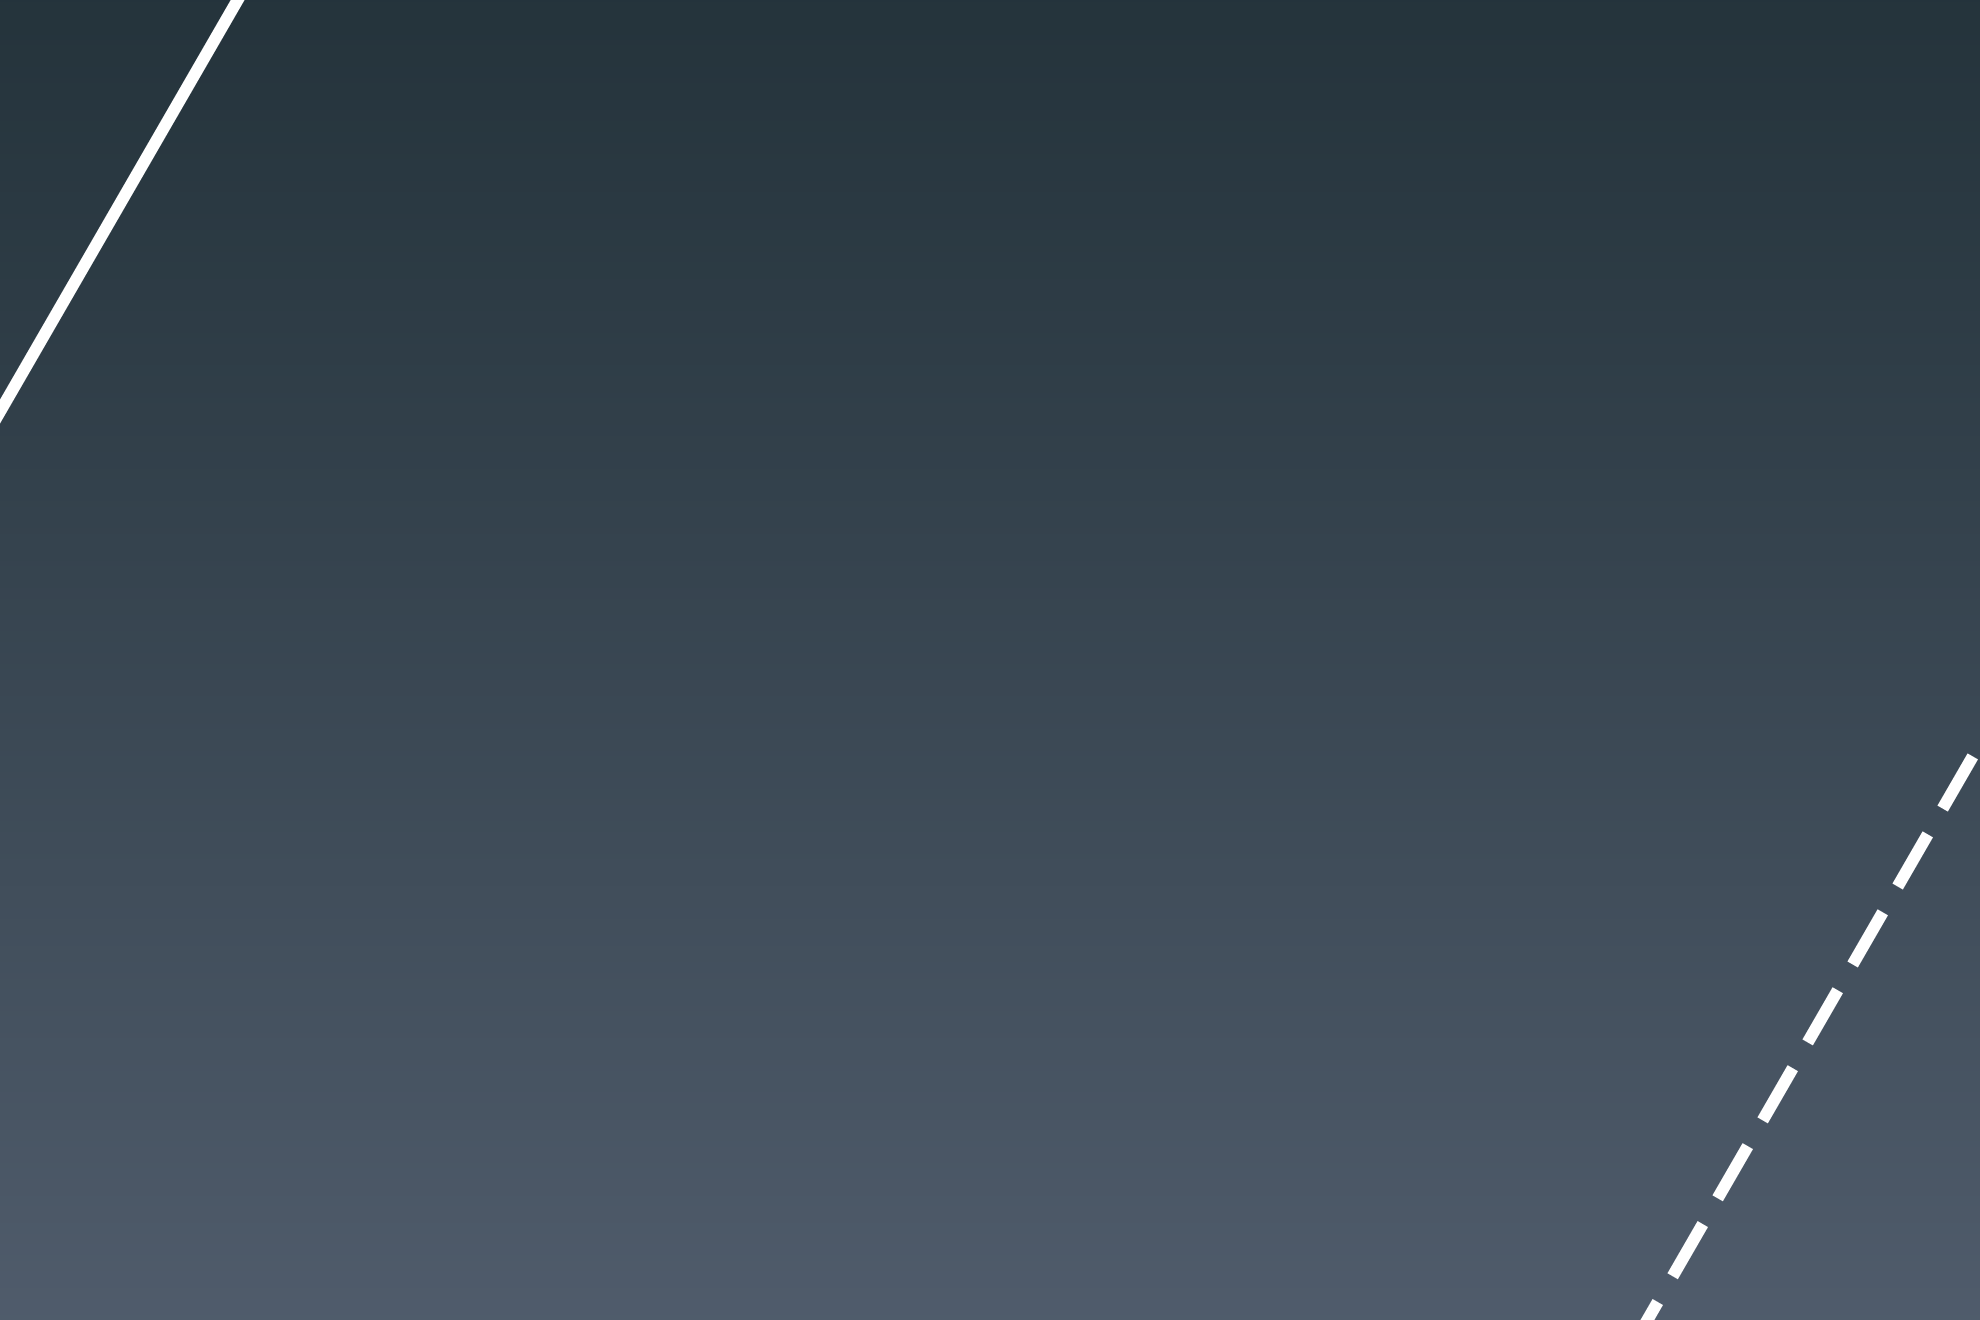 Tensar-Generic-Background-Slate-gradient